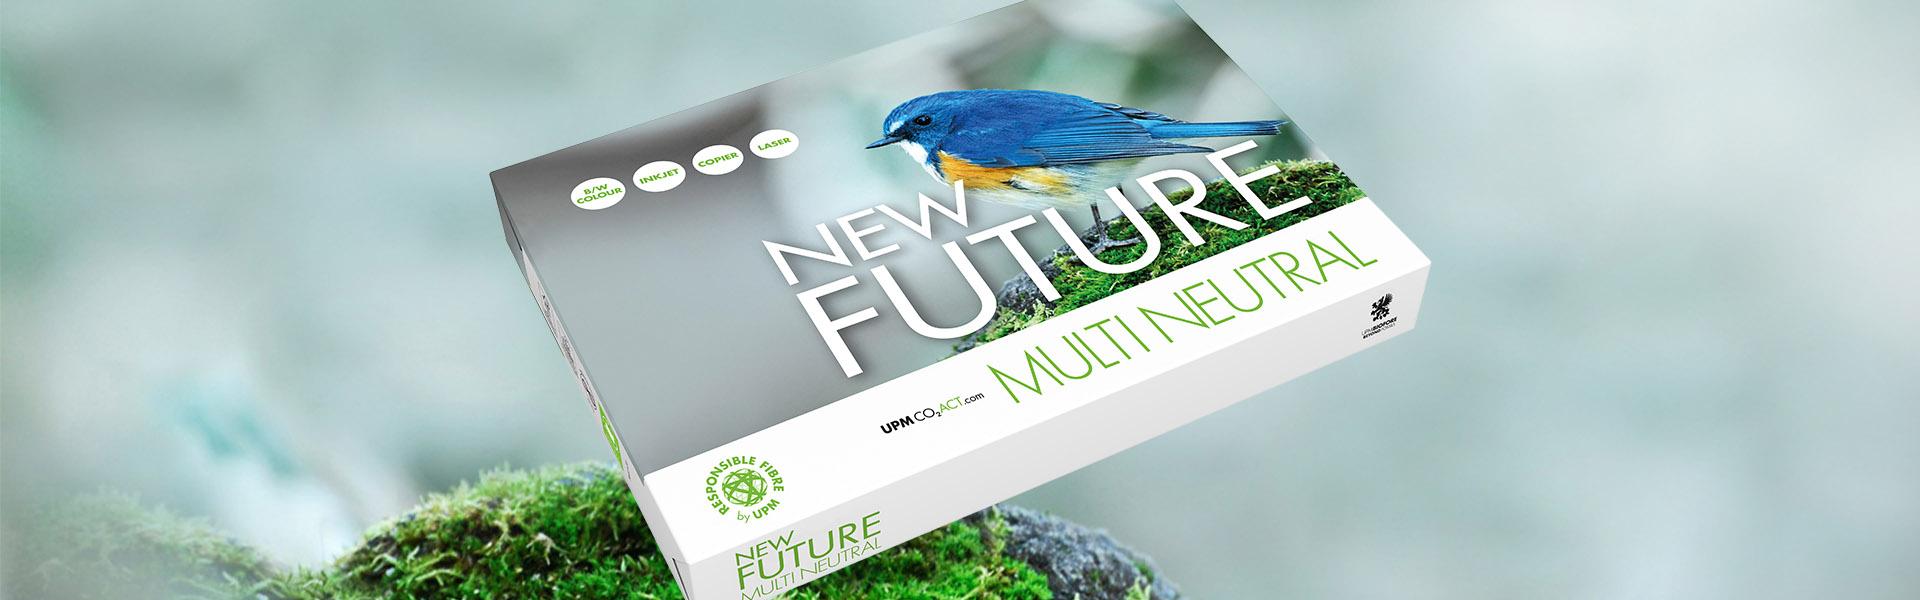 UPM - New Future Multi Neutral